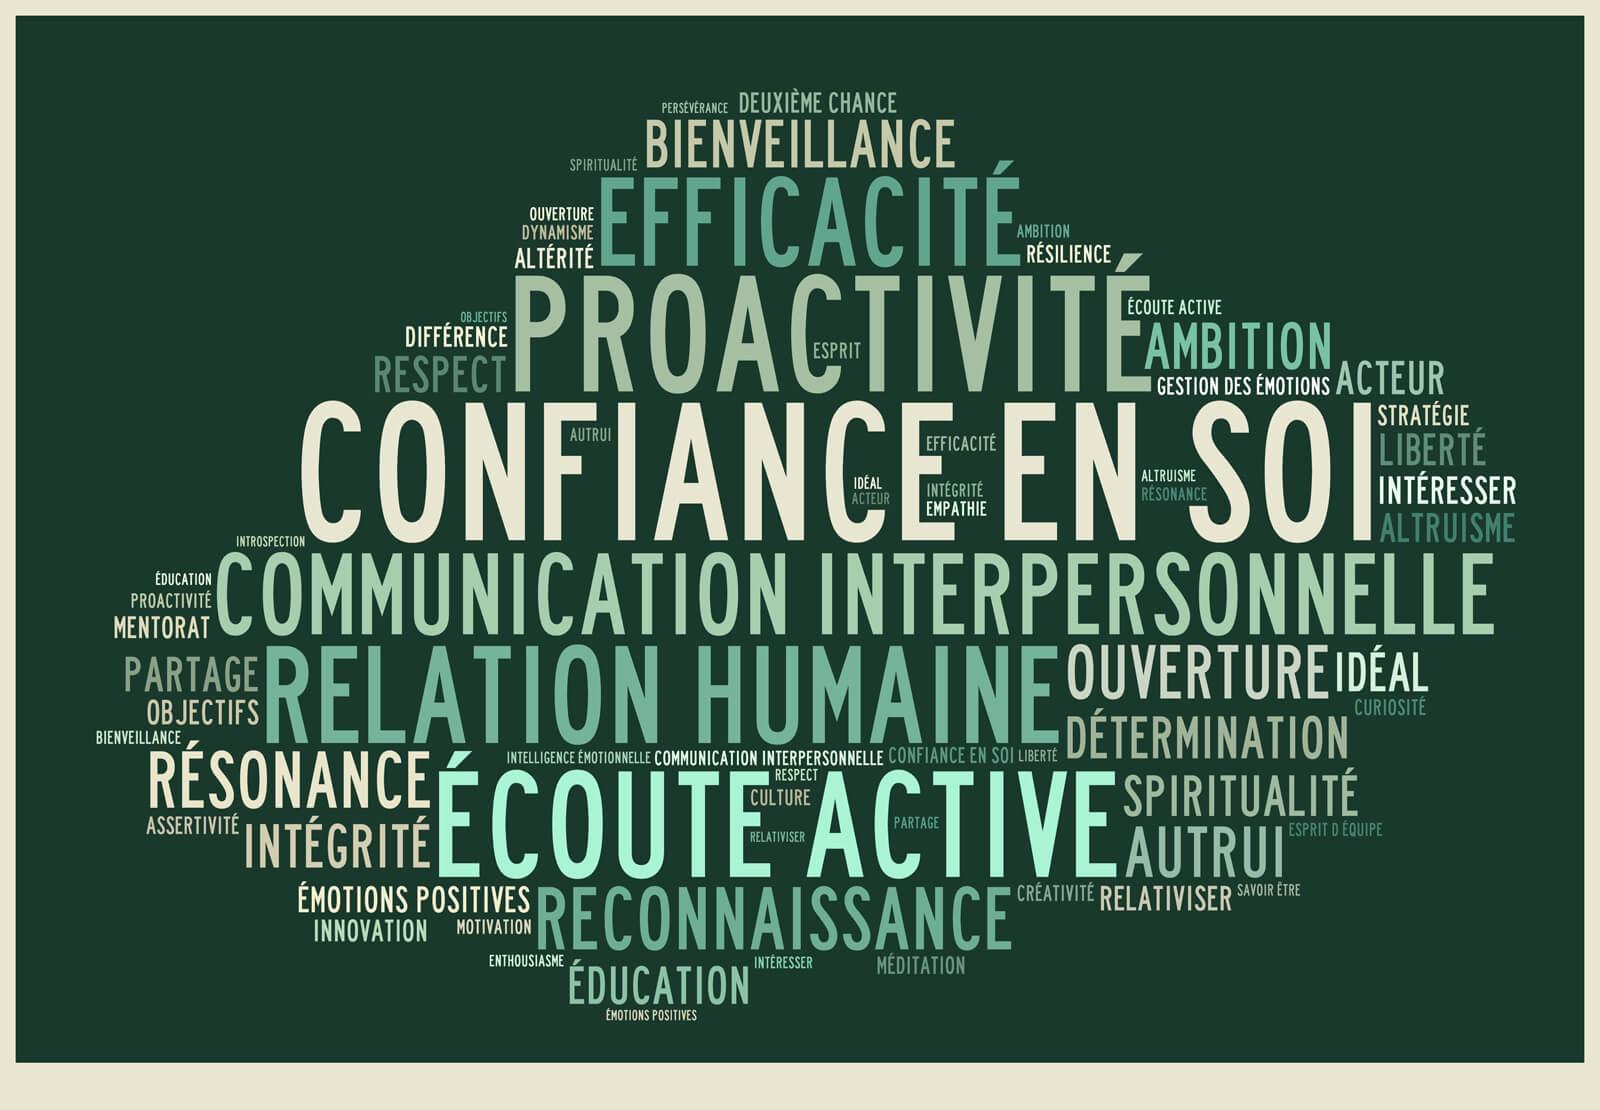 Relation et communications interpersonnelles, efficacité, proactivité, reconnaissance, être considérer